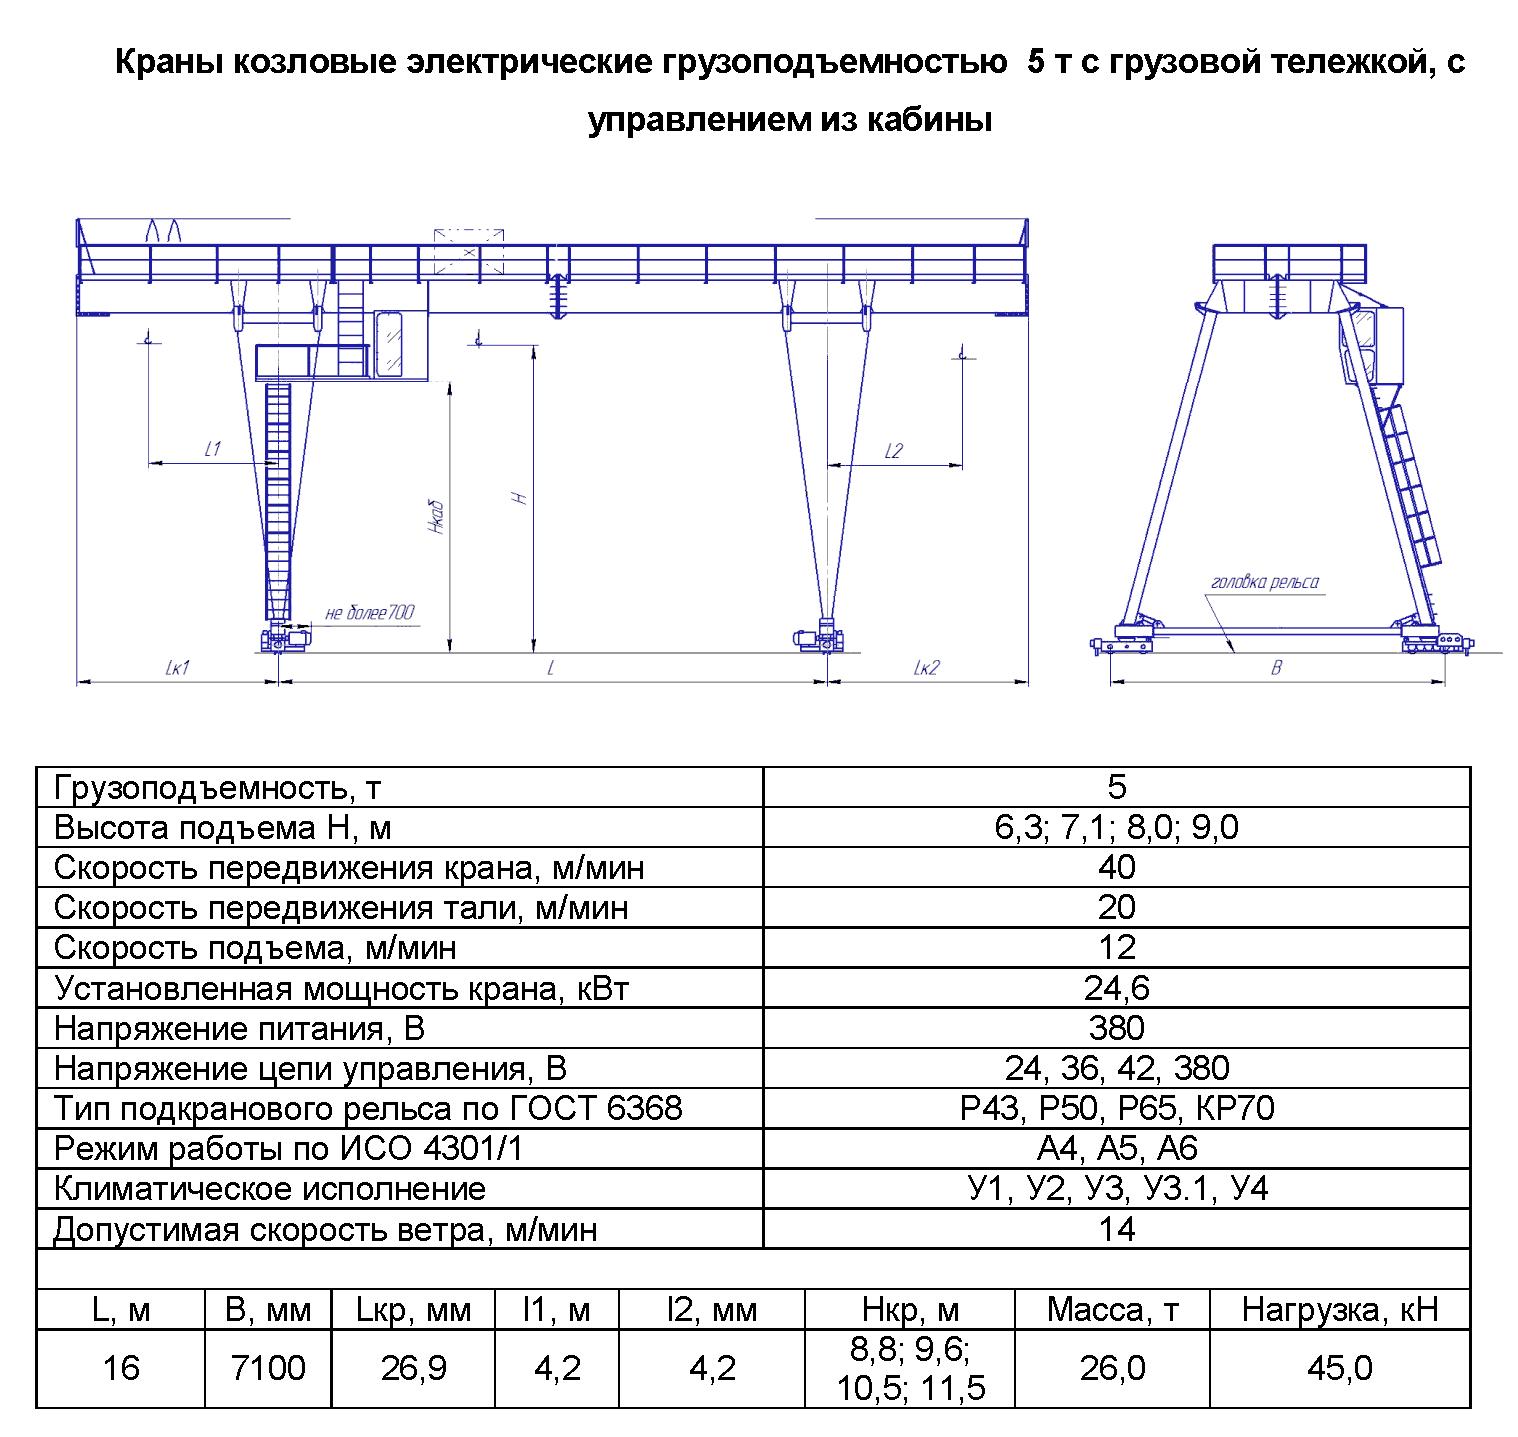 KKD 5 160 - Кран козловой электрический двухбалочный